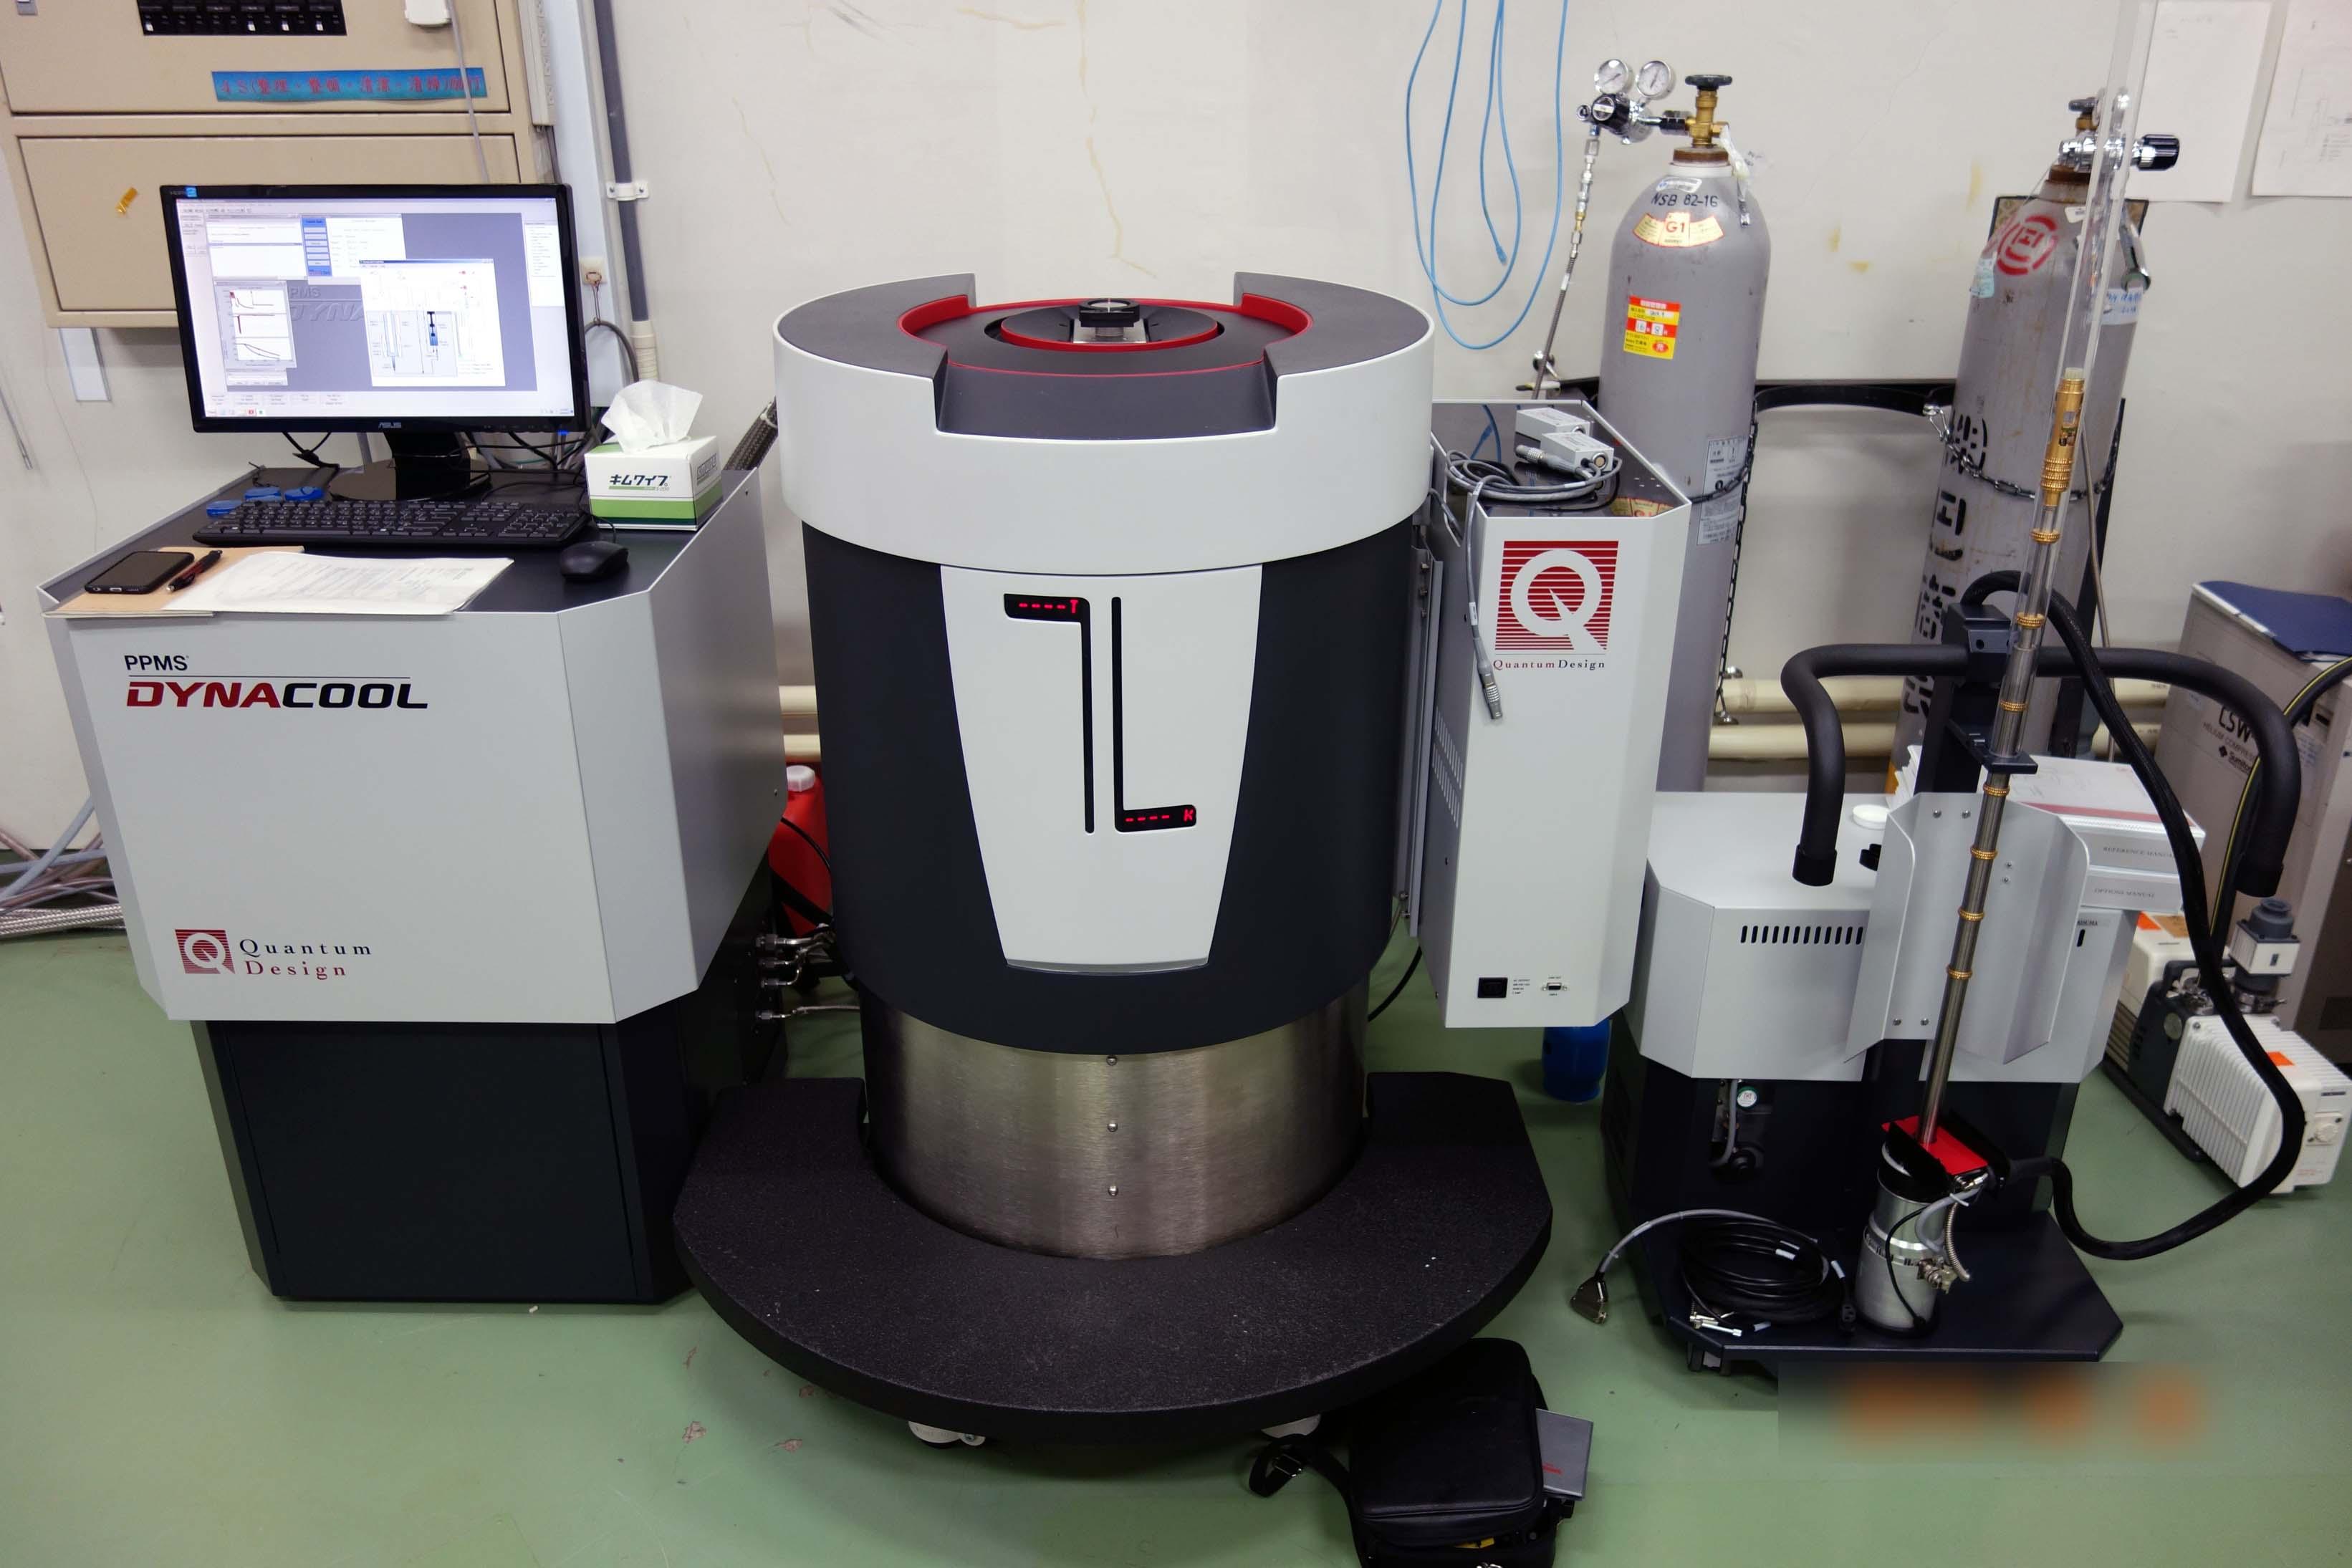 [293] 低温物性測定装置 PPMS DynaCool-9ZMZ 画像